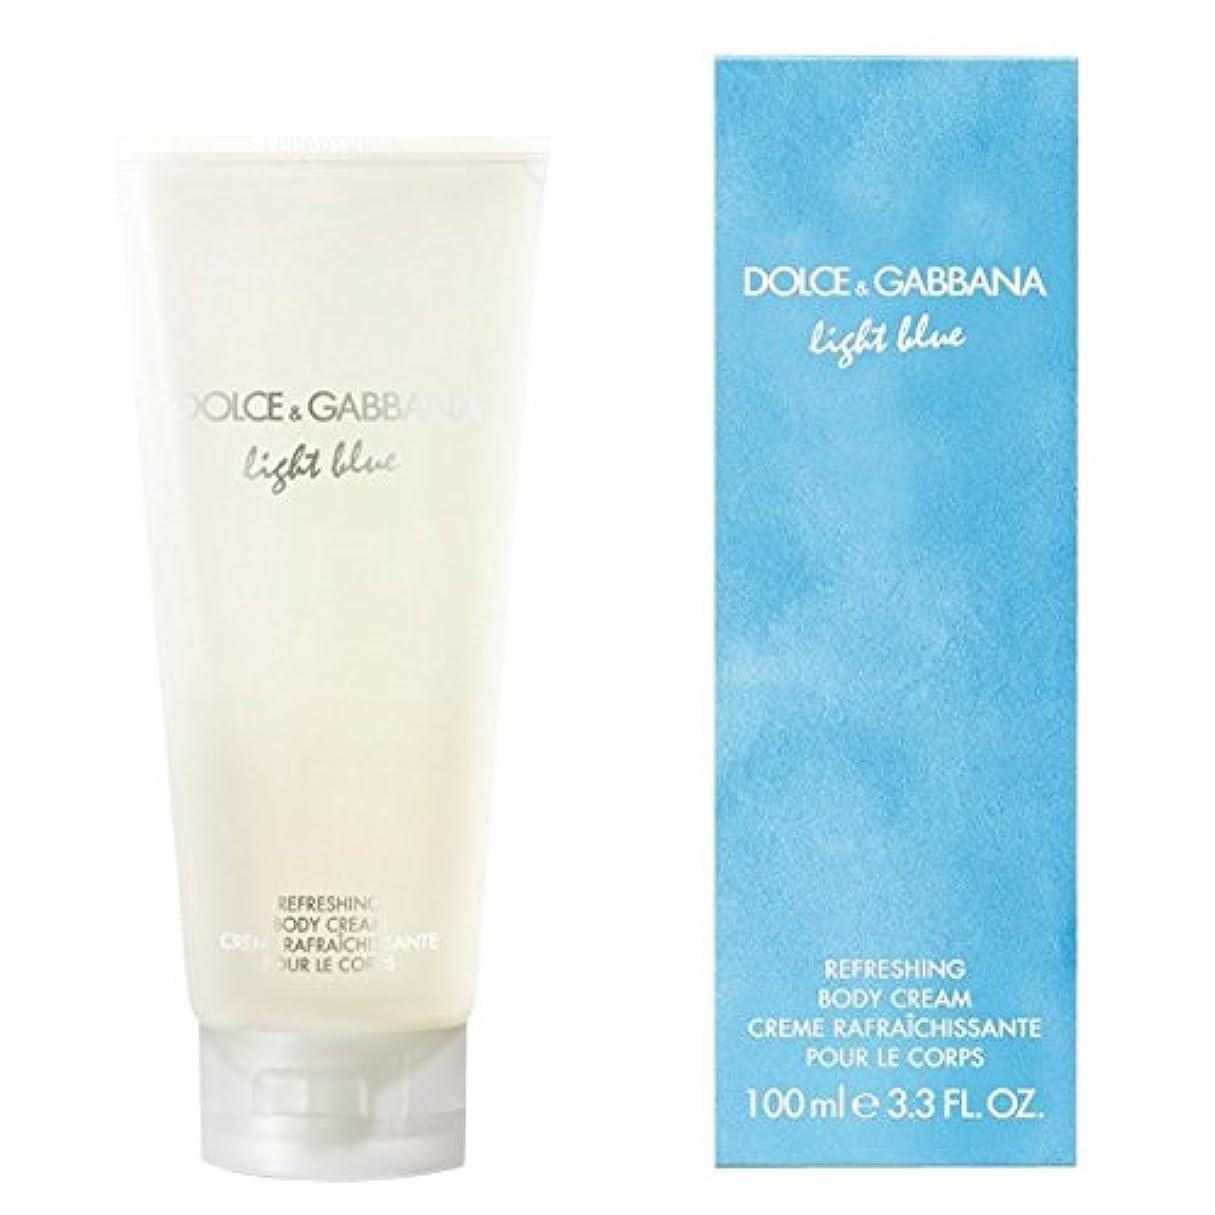 許容禁止ギャラリードルチェ&ガッバーナライトブルーの爽やかなボディクリーム200ミリリットル (Dolce & Gabbana) - Dolce & Gabbana Light Blue Refreshing Body Cream 200ml...